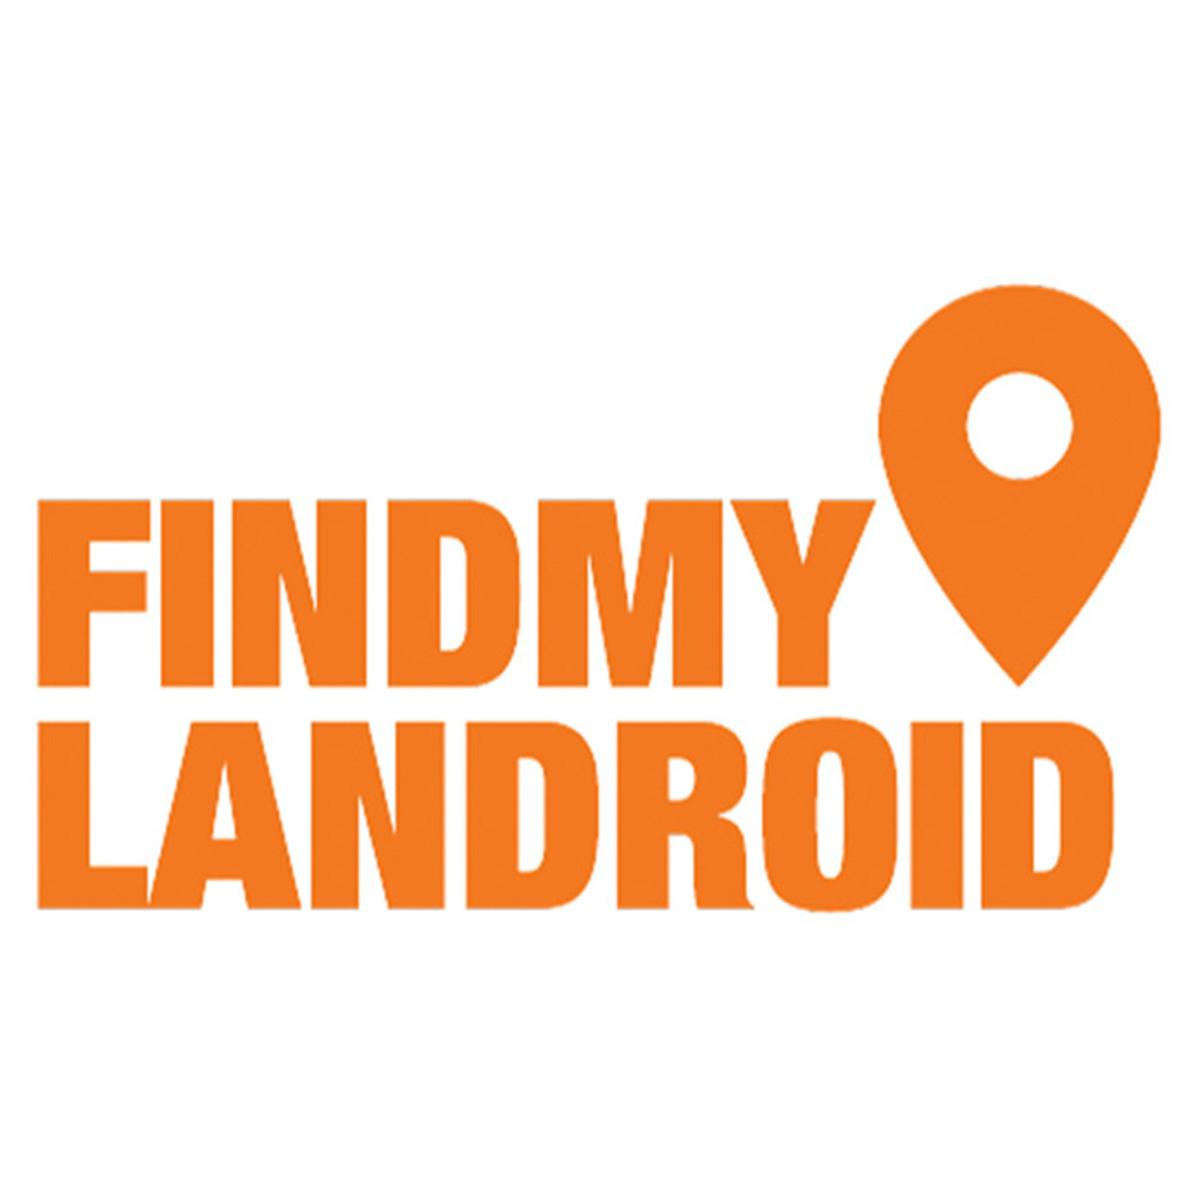 Bild 3 von Worx Landroid Diebstahlsicherung Find my Landroid